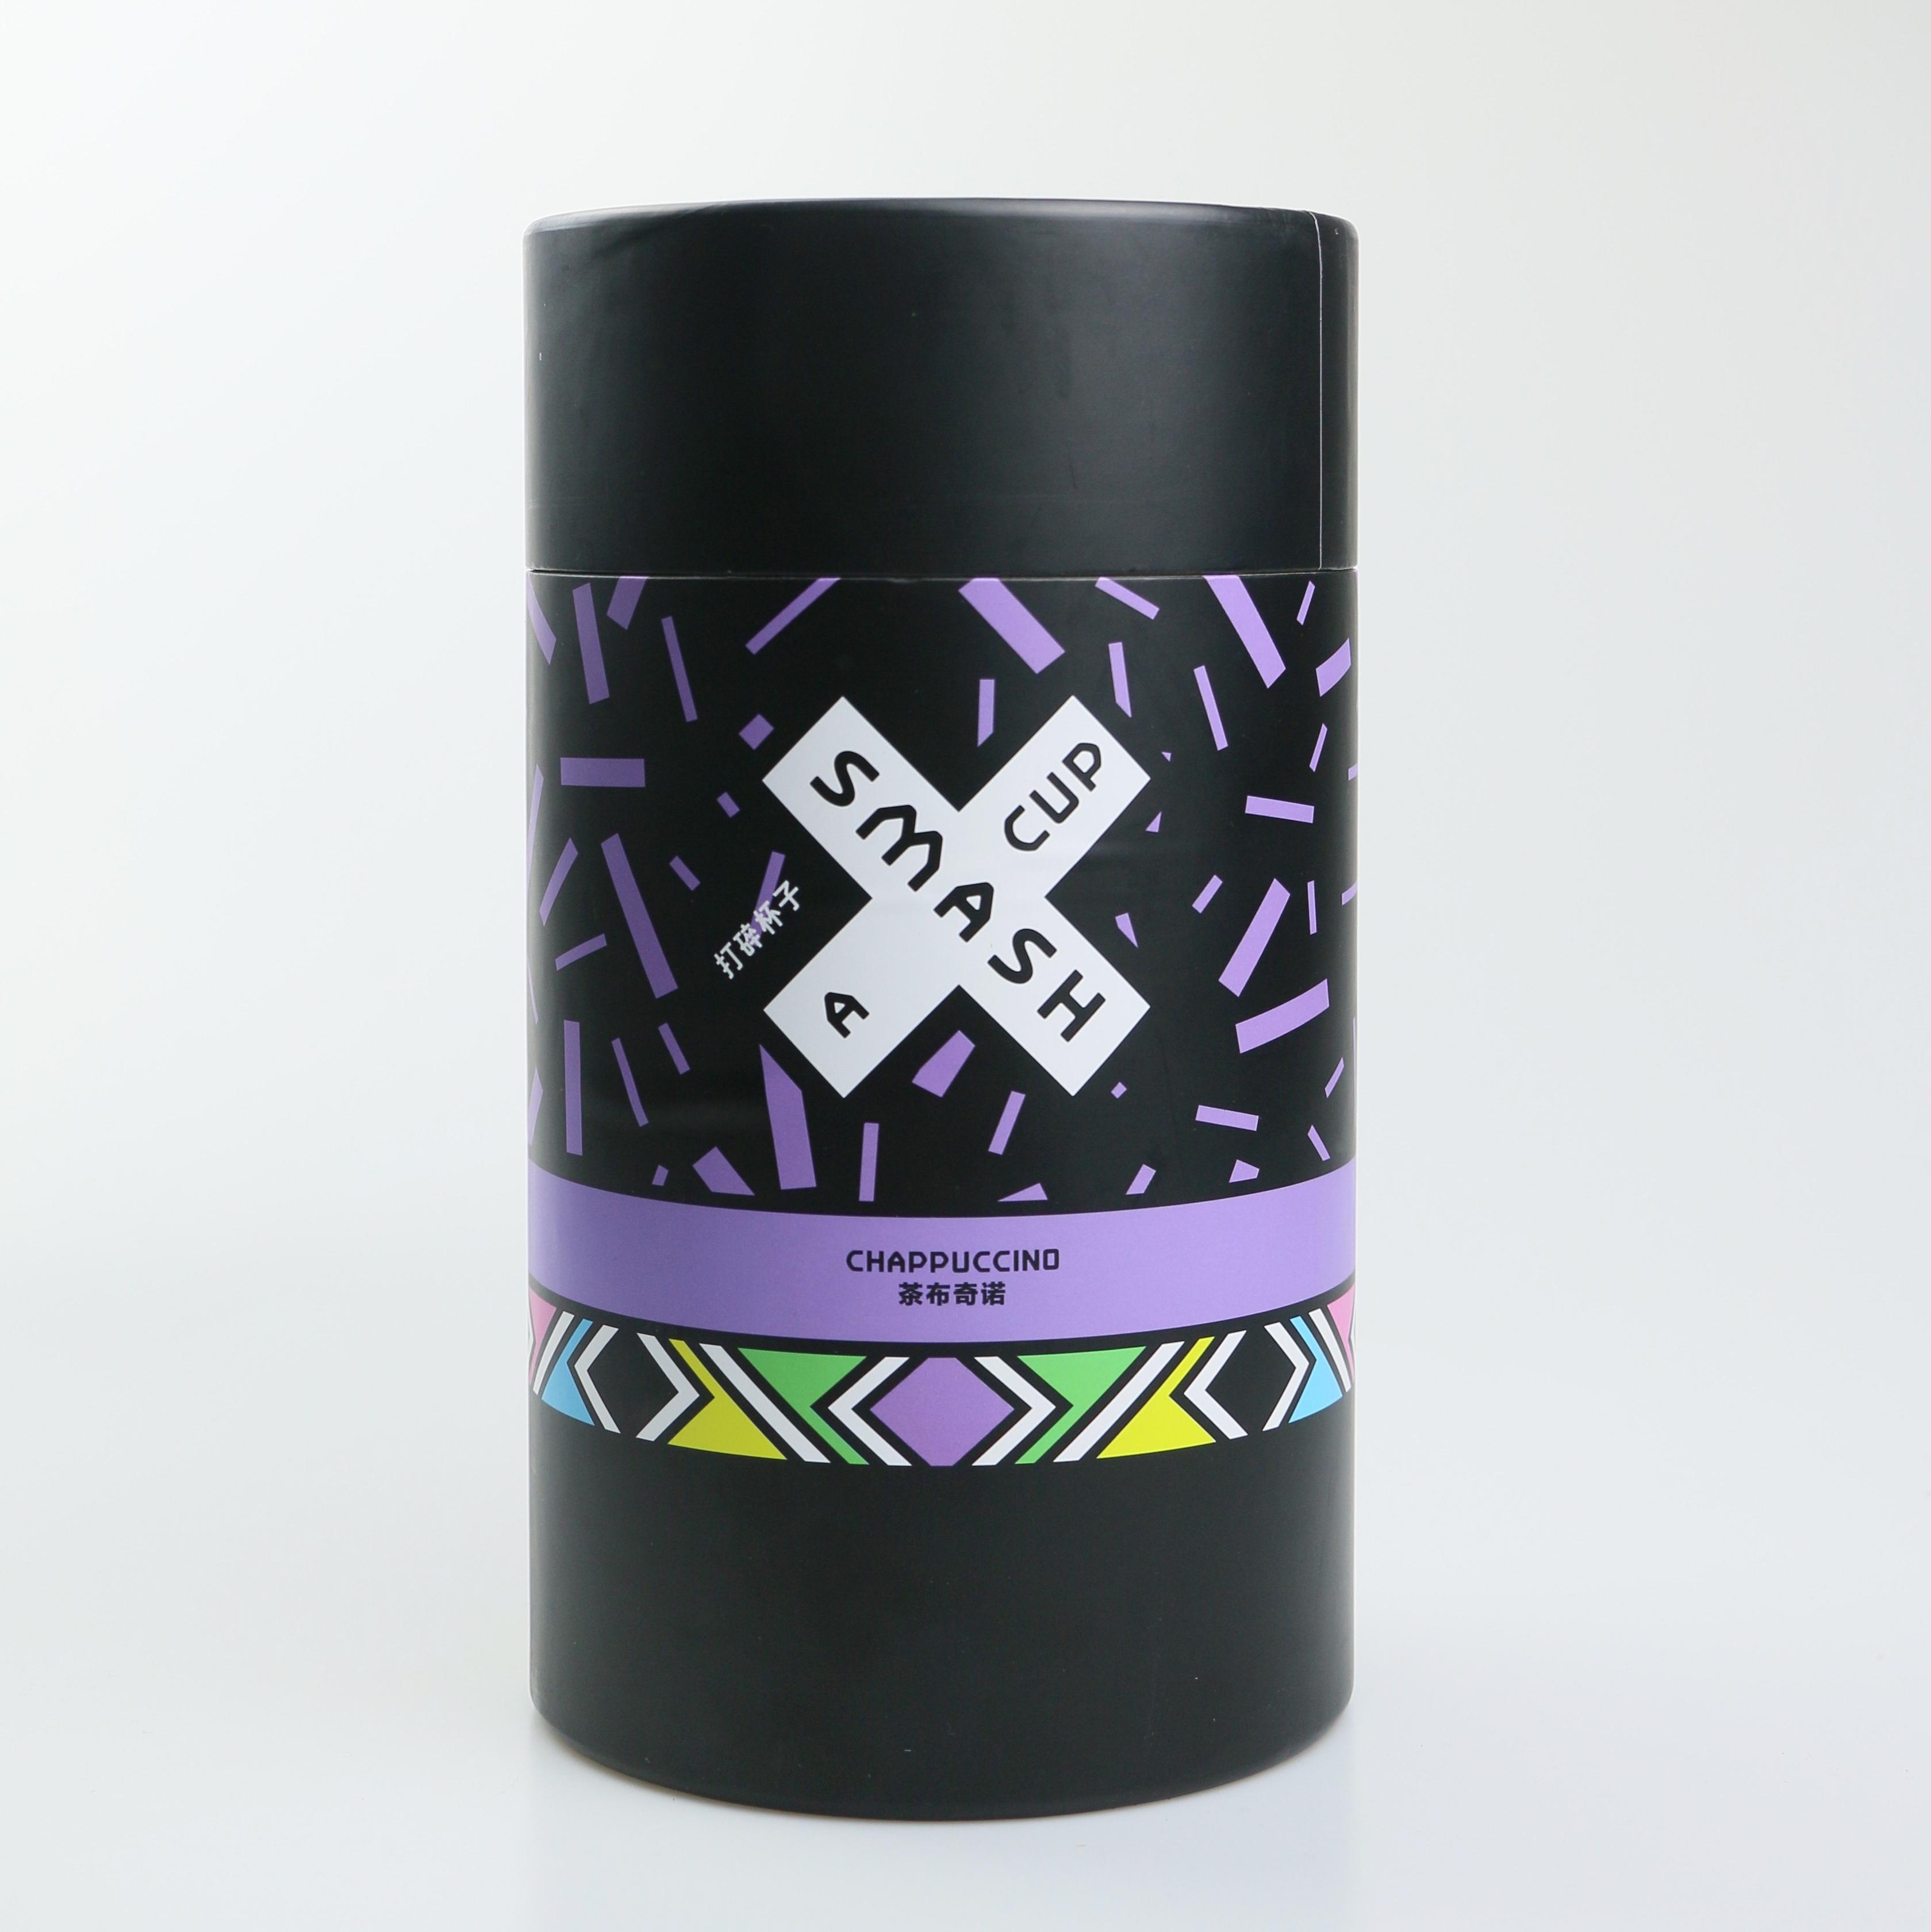 拿铁 打碎杯子 Cup a Smash 装 1kg 茶布奇诺茶粉 近期缺货 预售